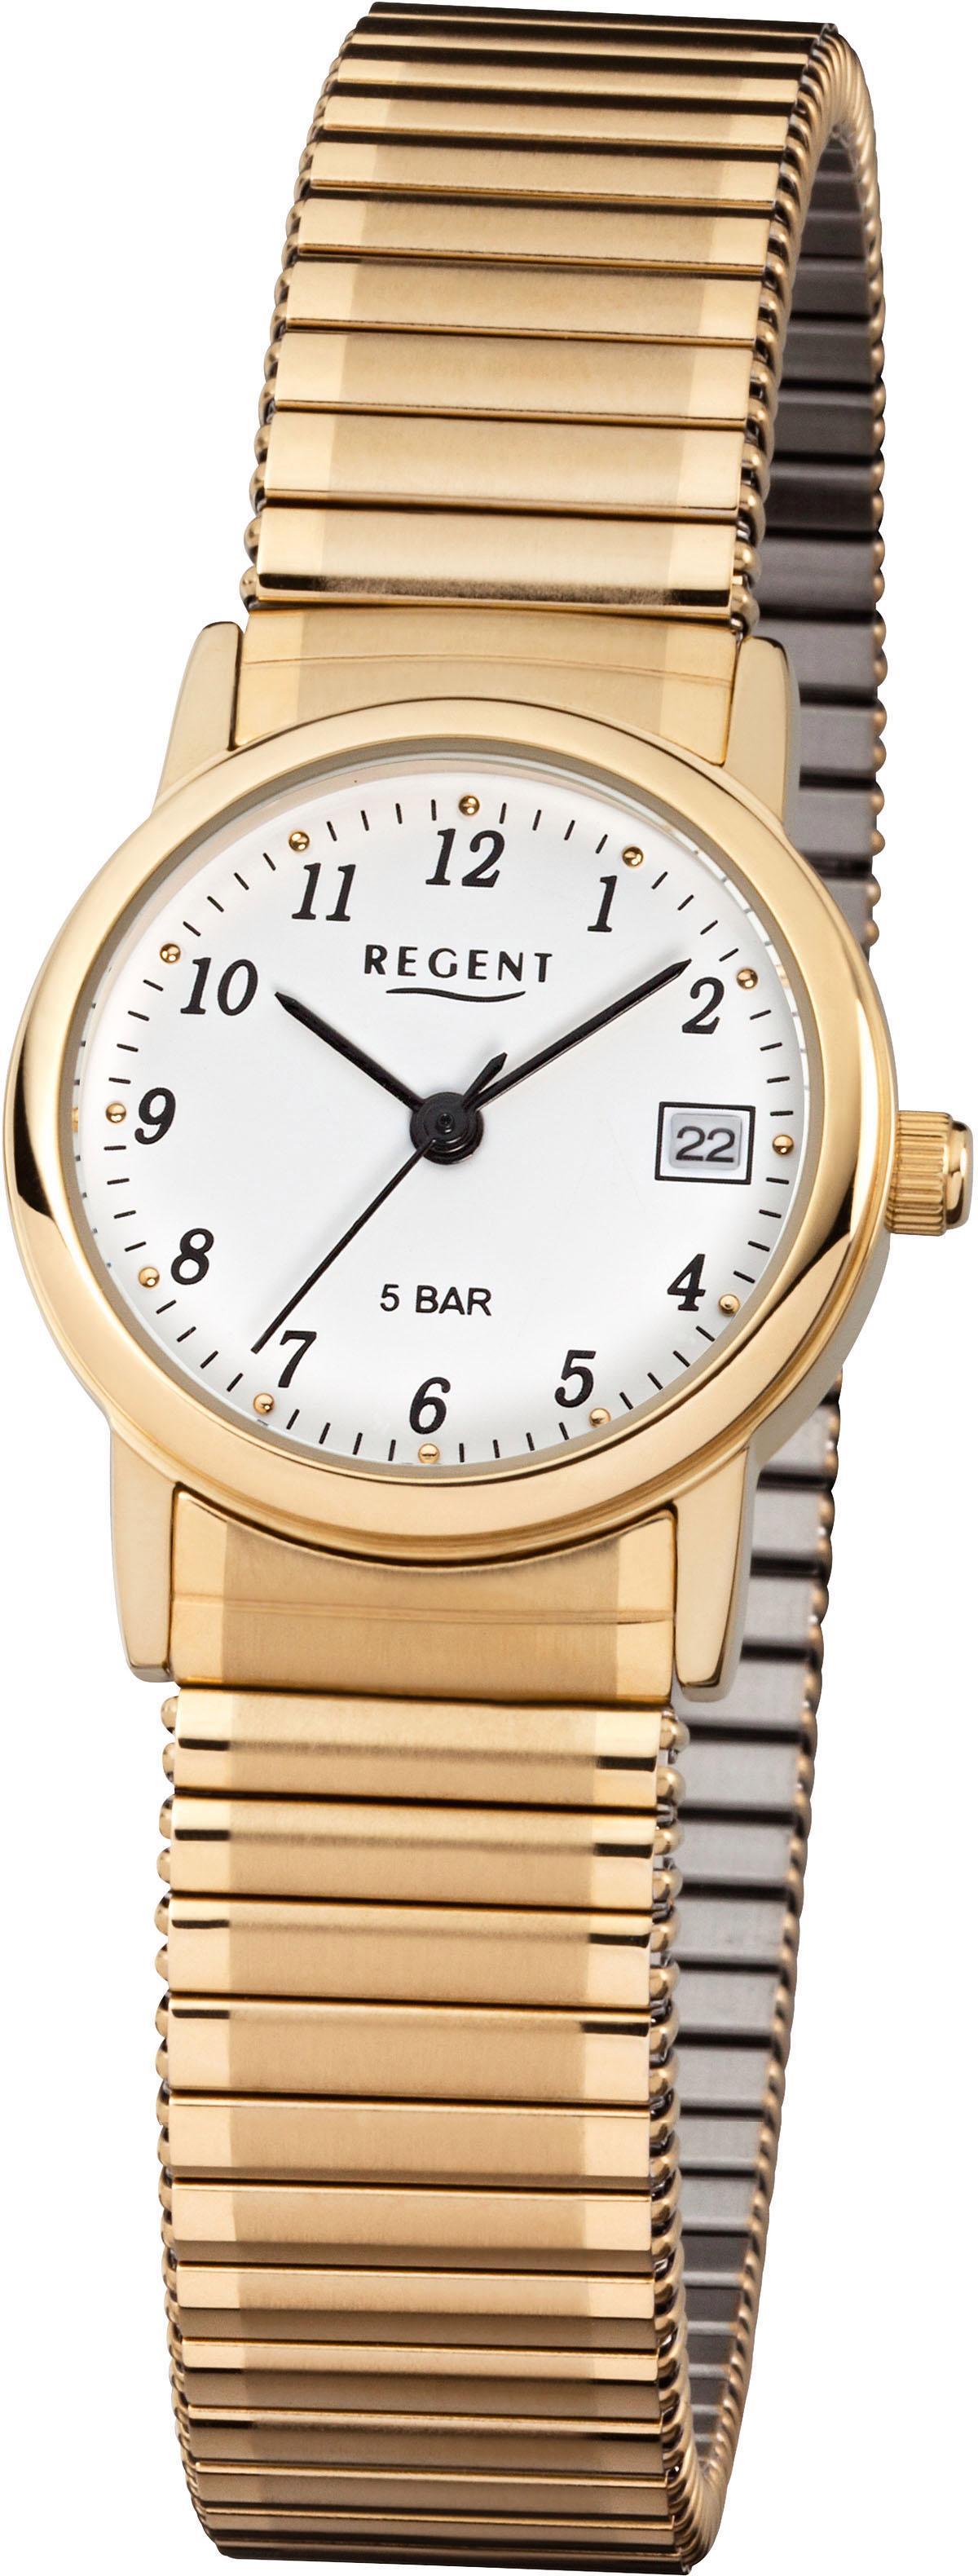 Regent Quarzuhr 76104599 F890 | Uhren > Quarzuhren | Regent